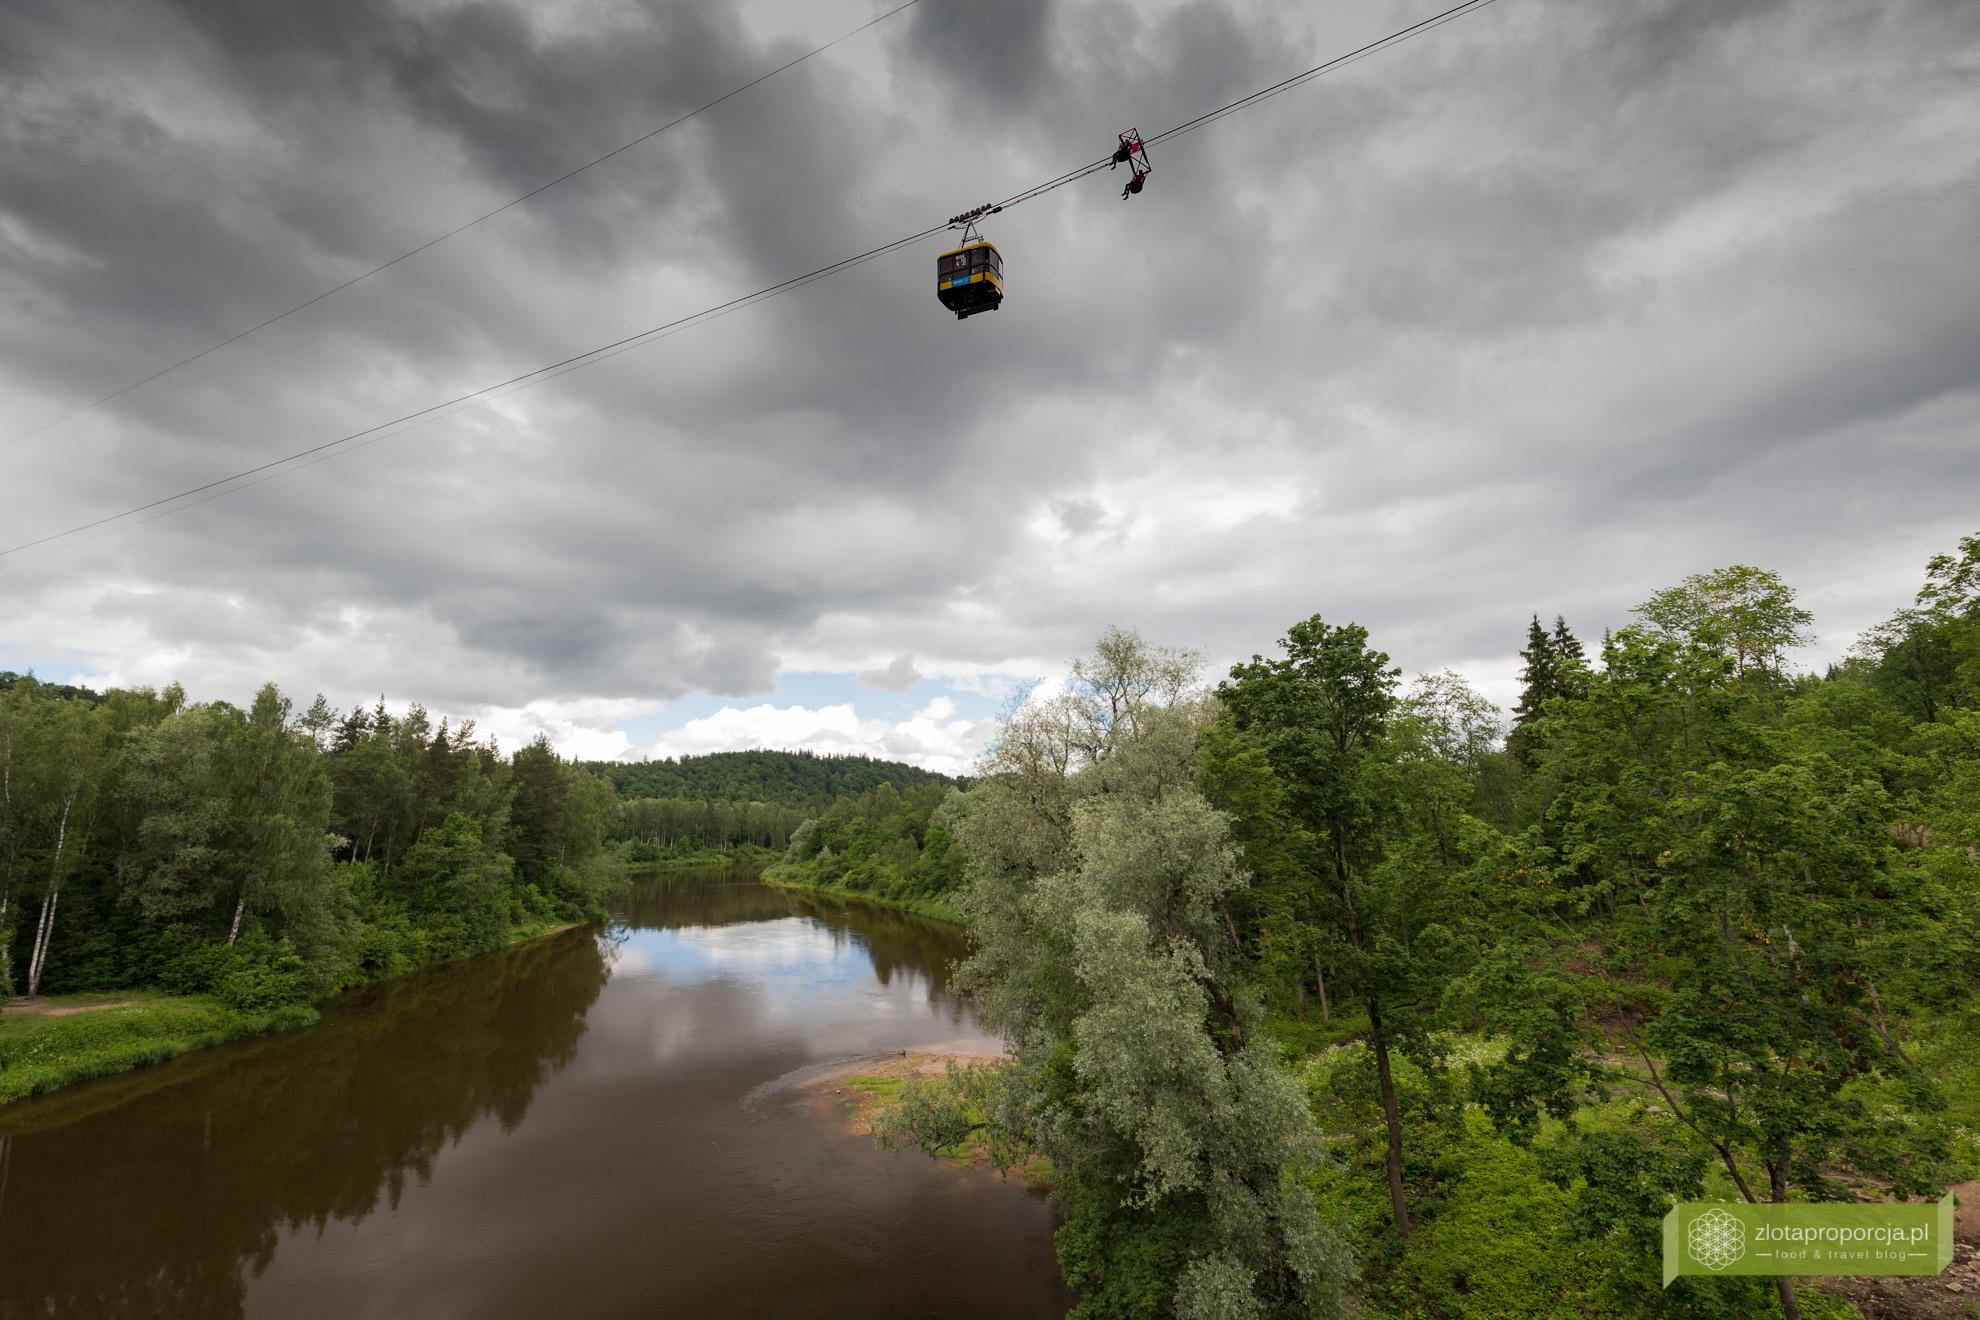 Łotwa, Park Narodowy Gauja, atrakcje Łotwy, Sigulda, Krimulda